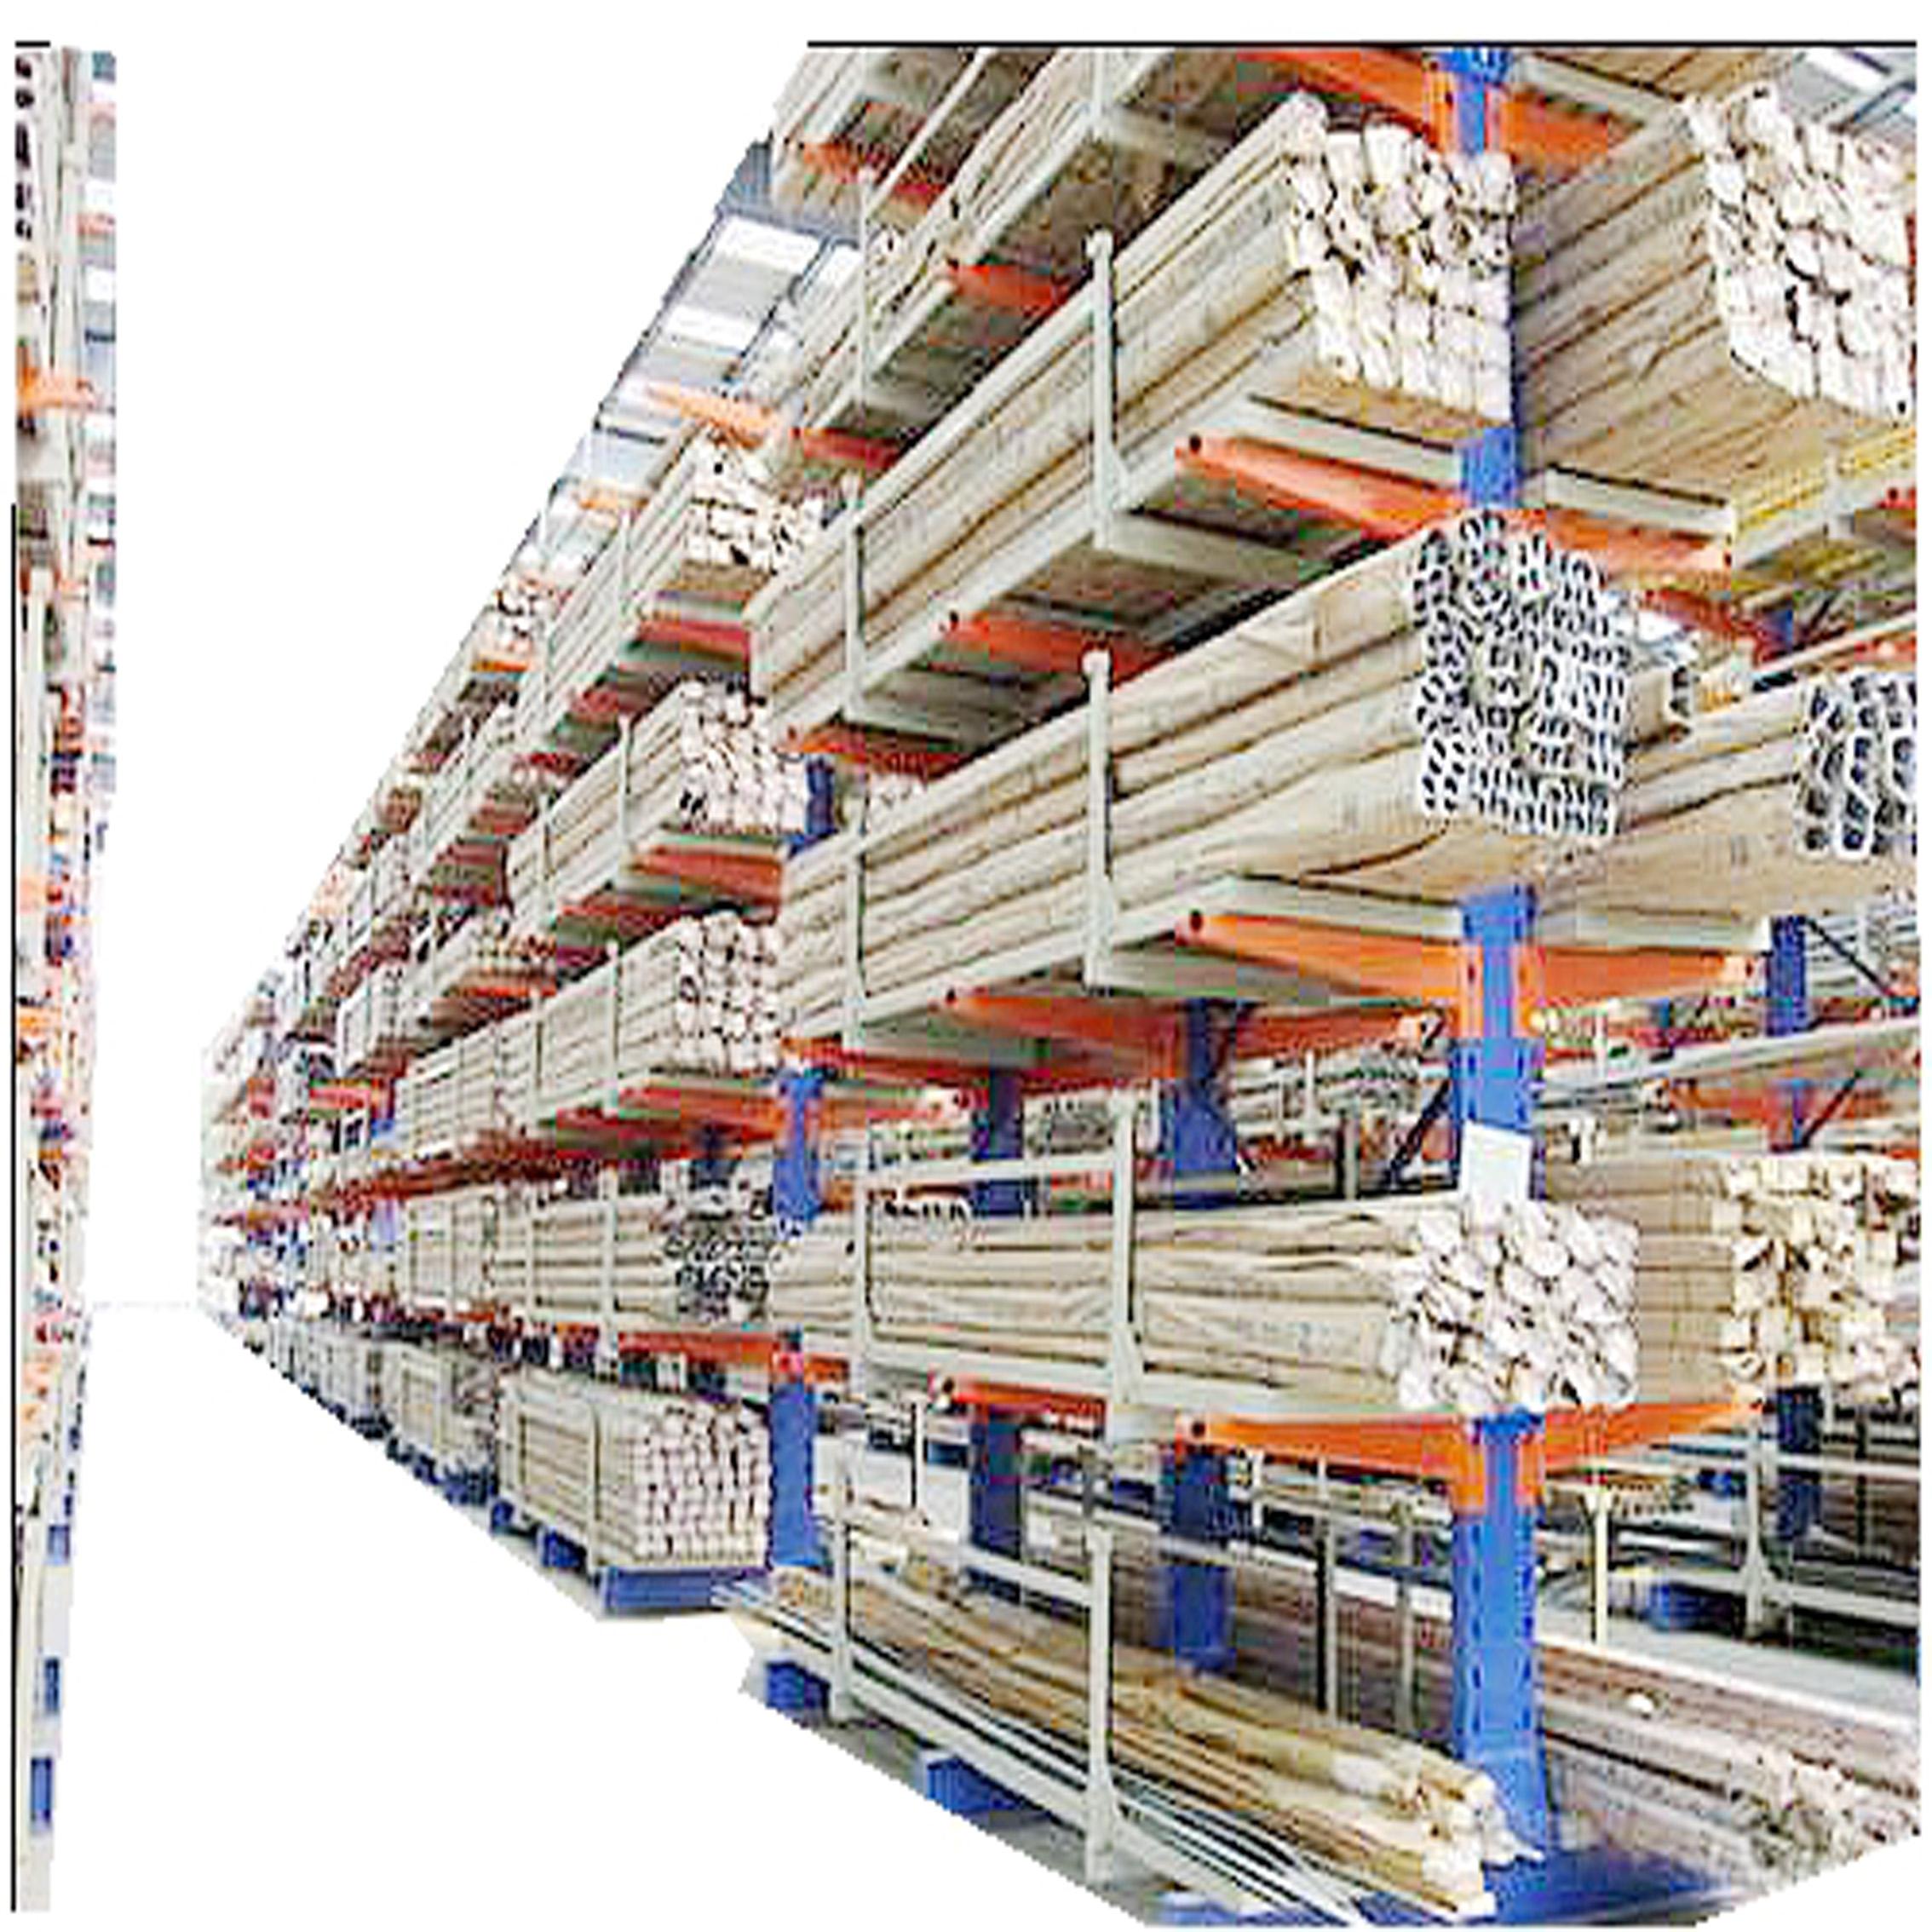 悬臂式货架,伸臂式货架,板材仓库货架,卷材仓库货架149352275